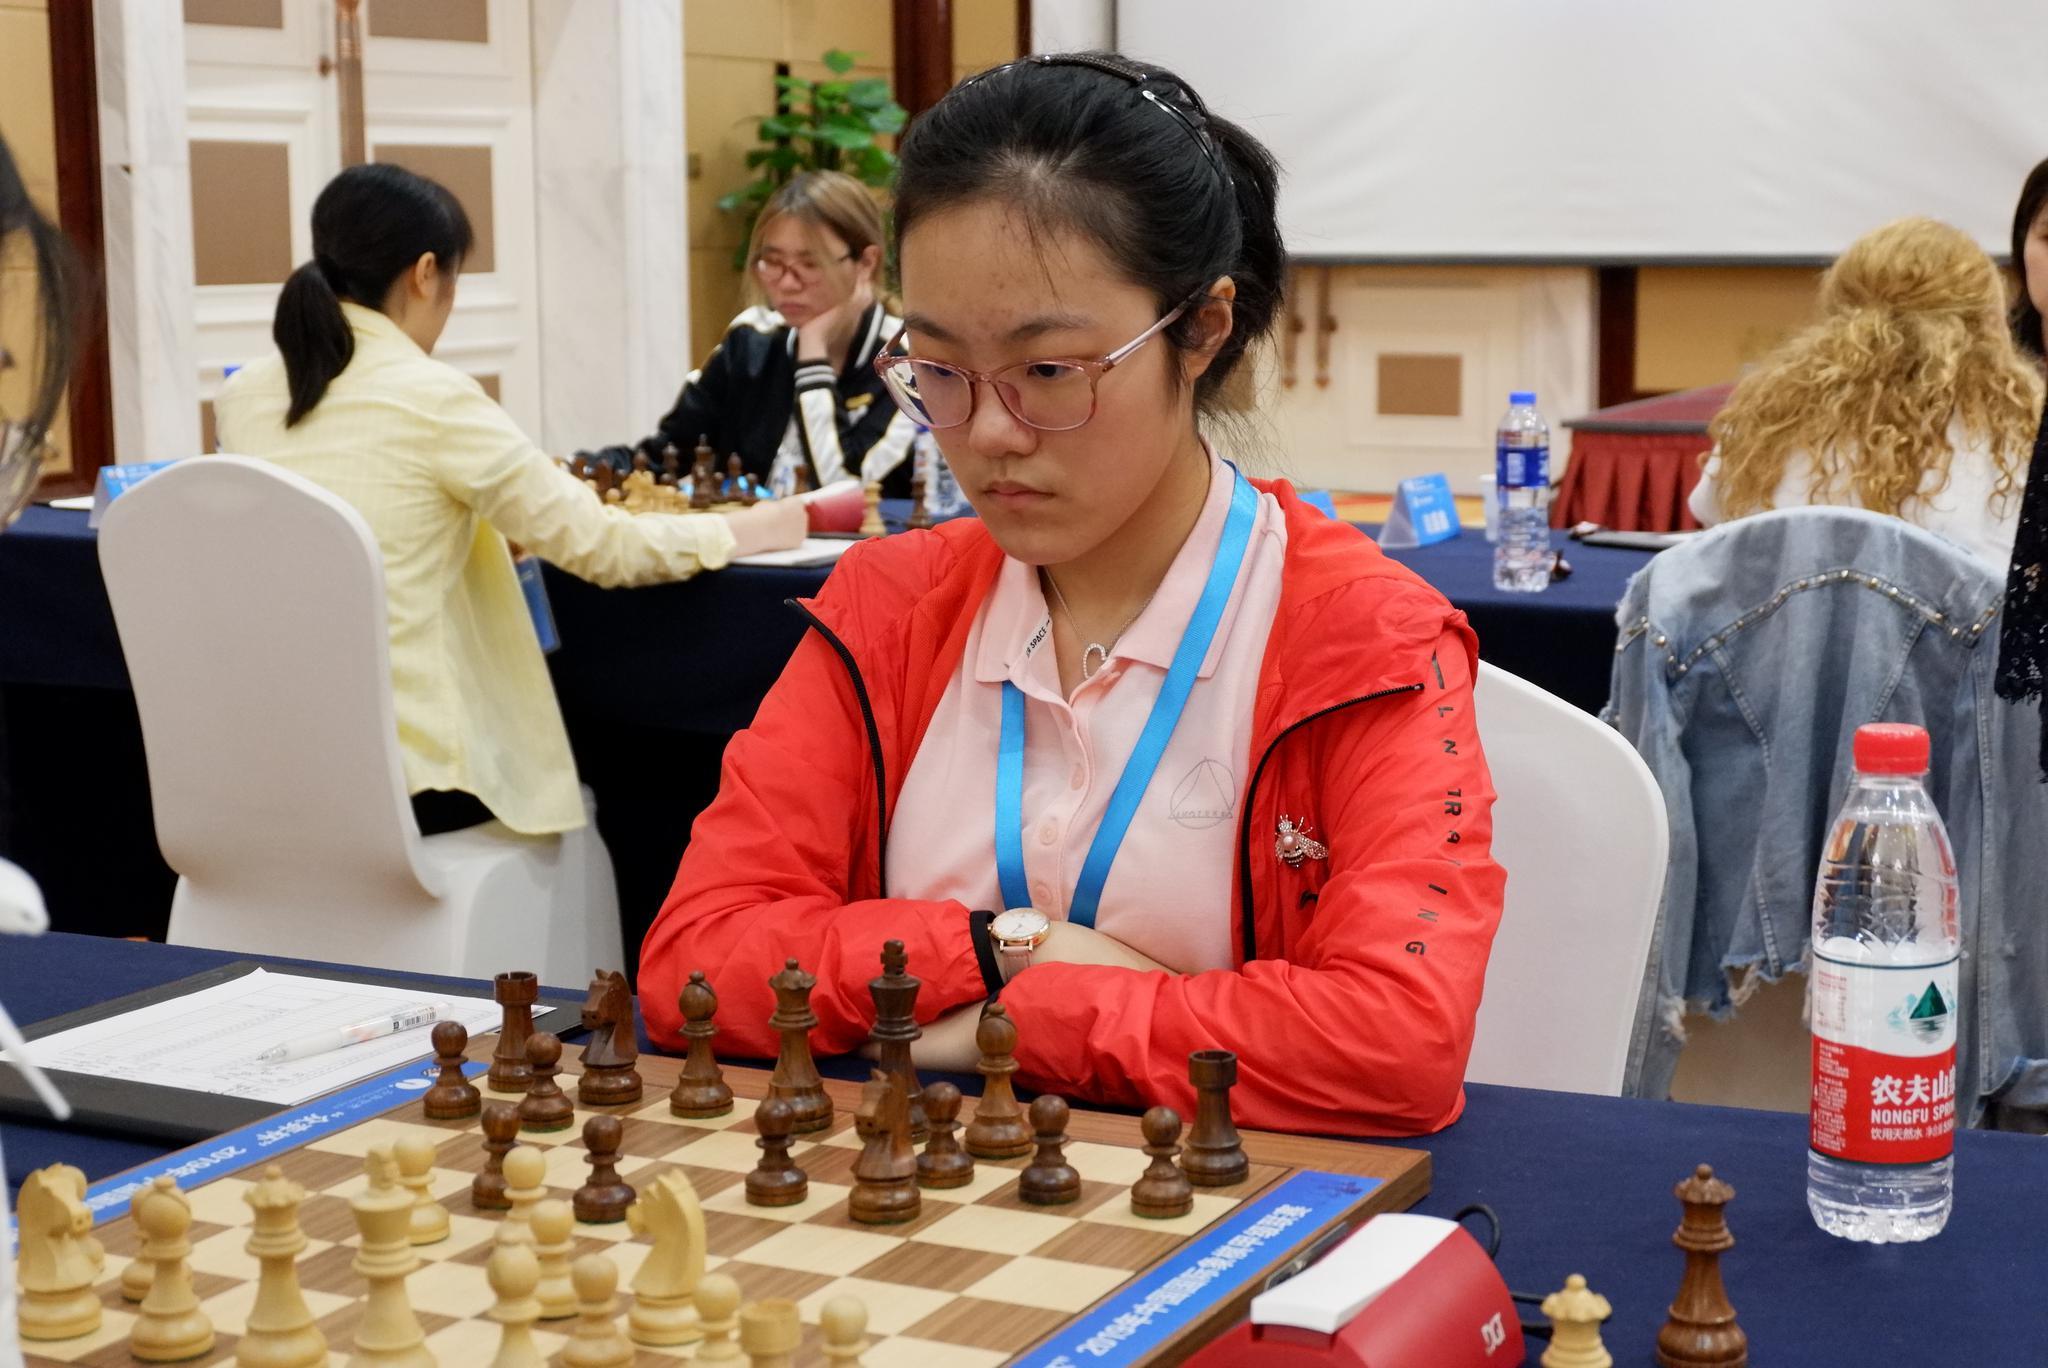 国象联赛北京队逼平领头羊,宋宇新弈和棋后居文君